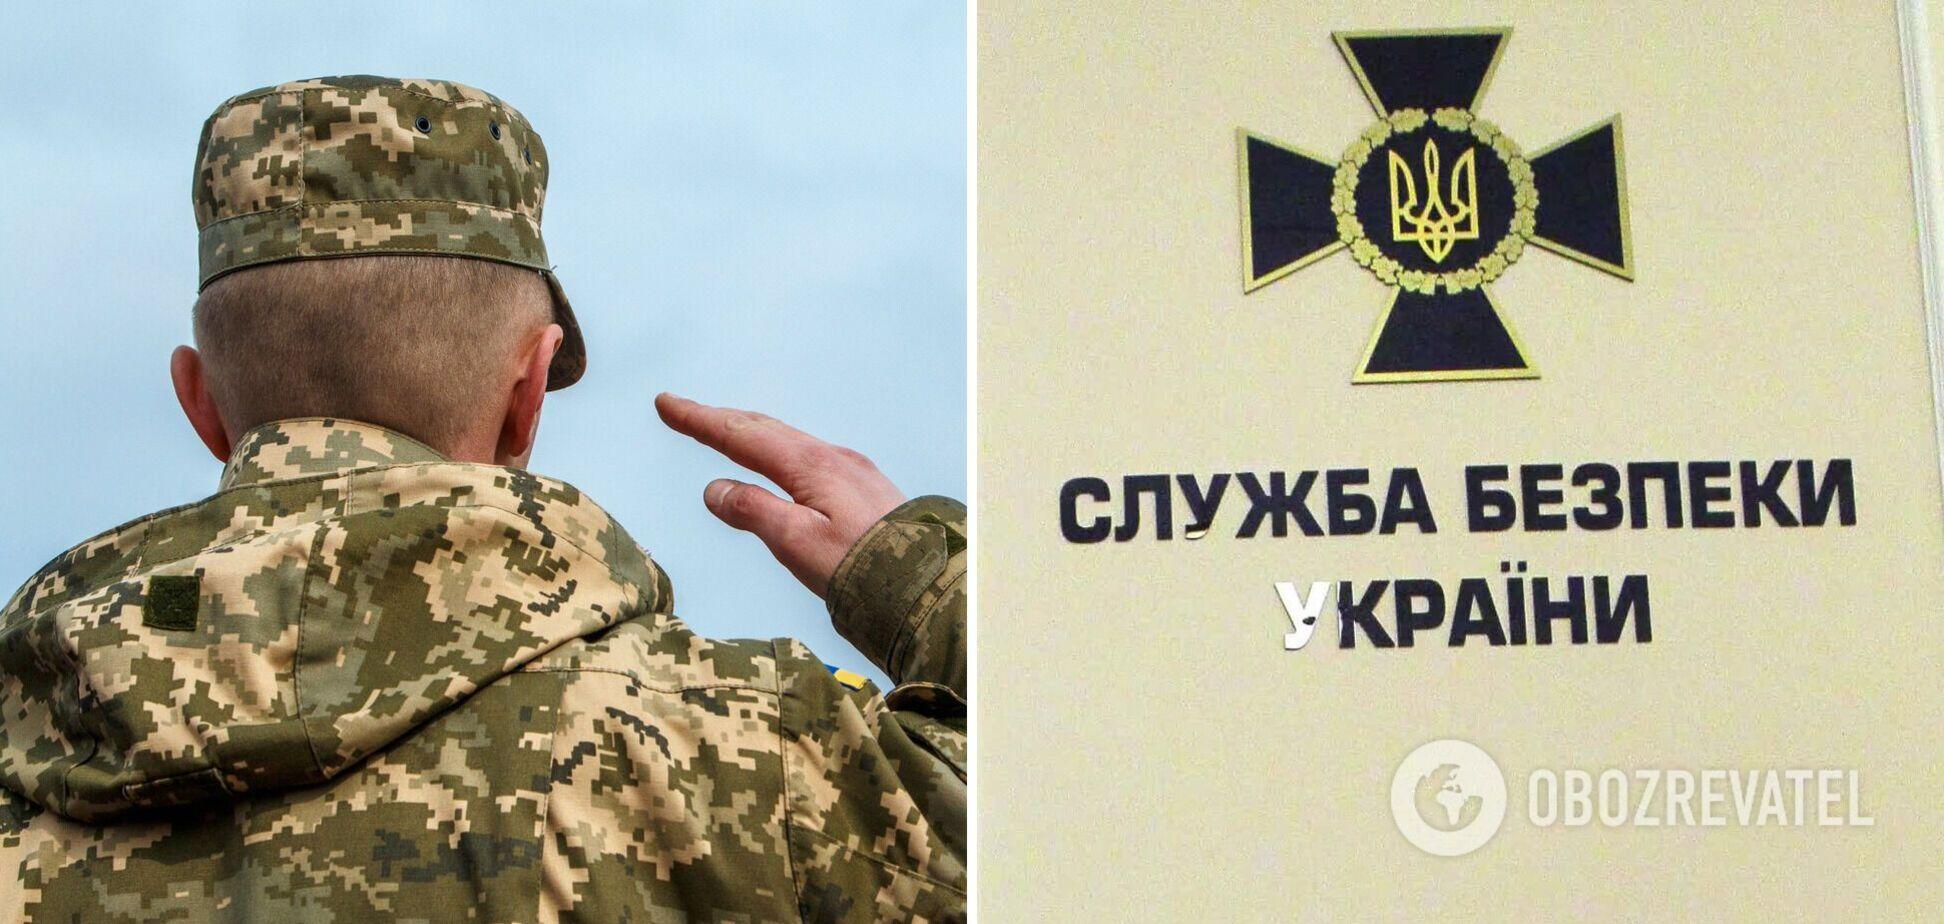 В СБУ рассказали о госизмене военных, попавших под санкции СНБО